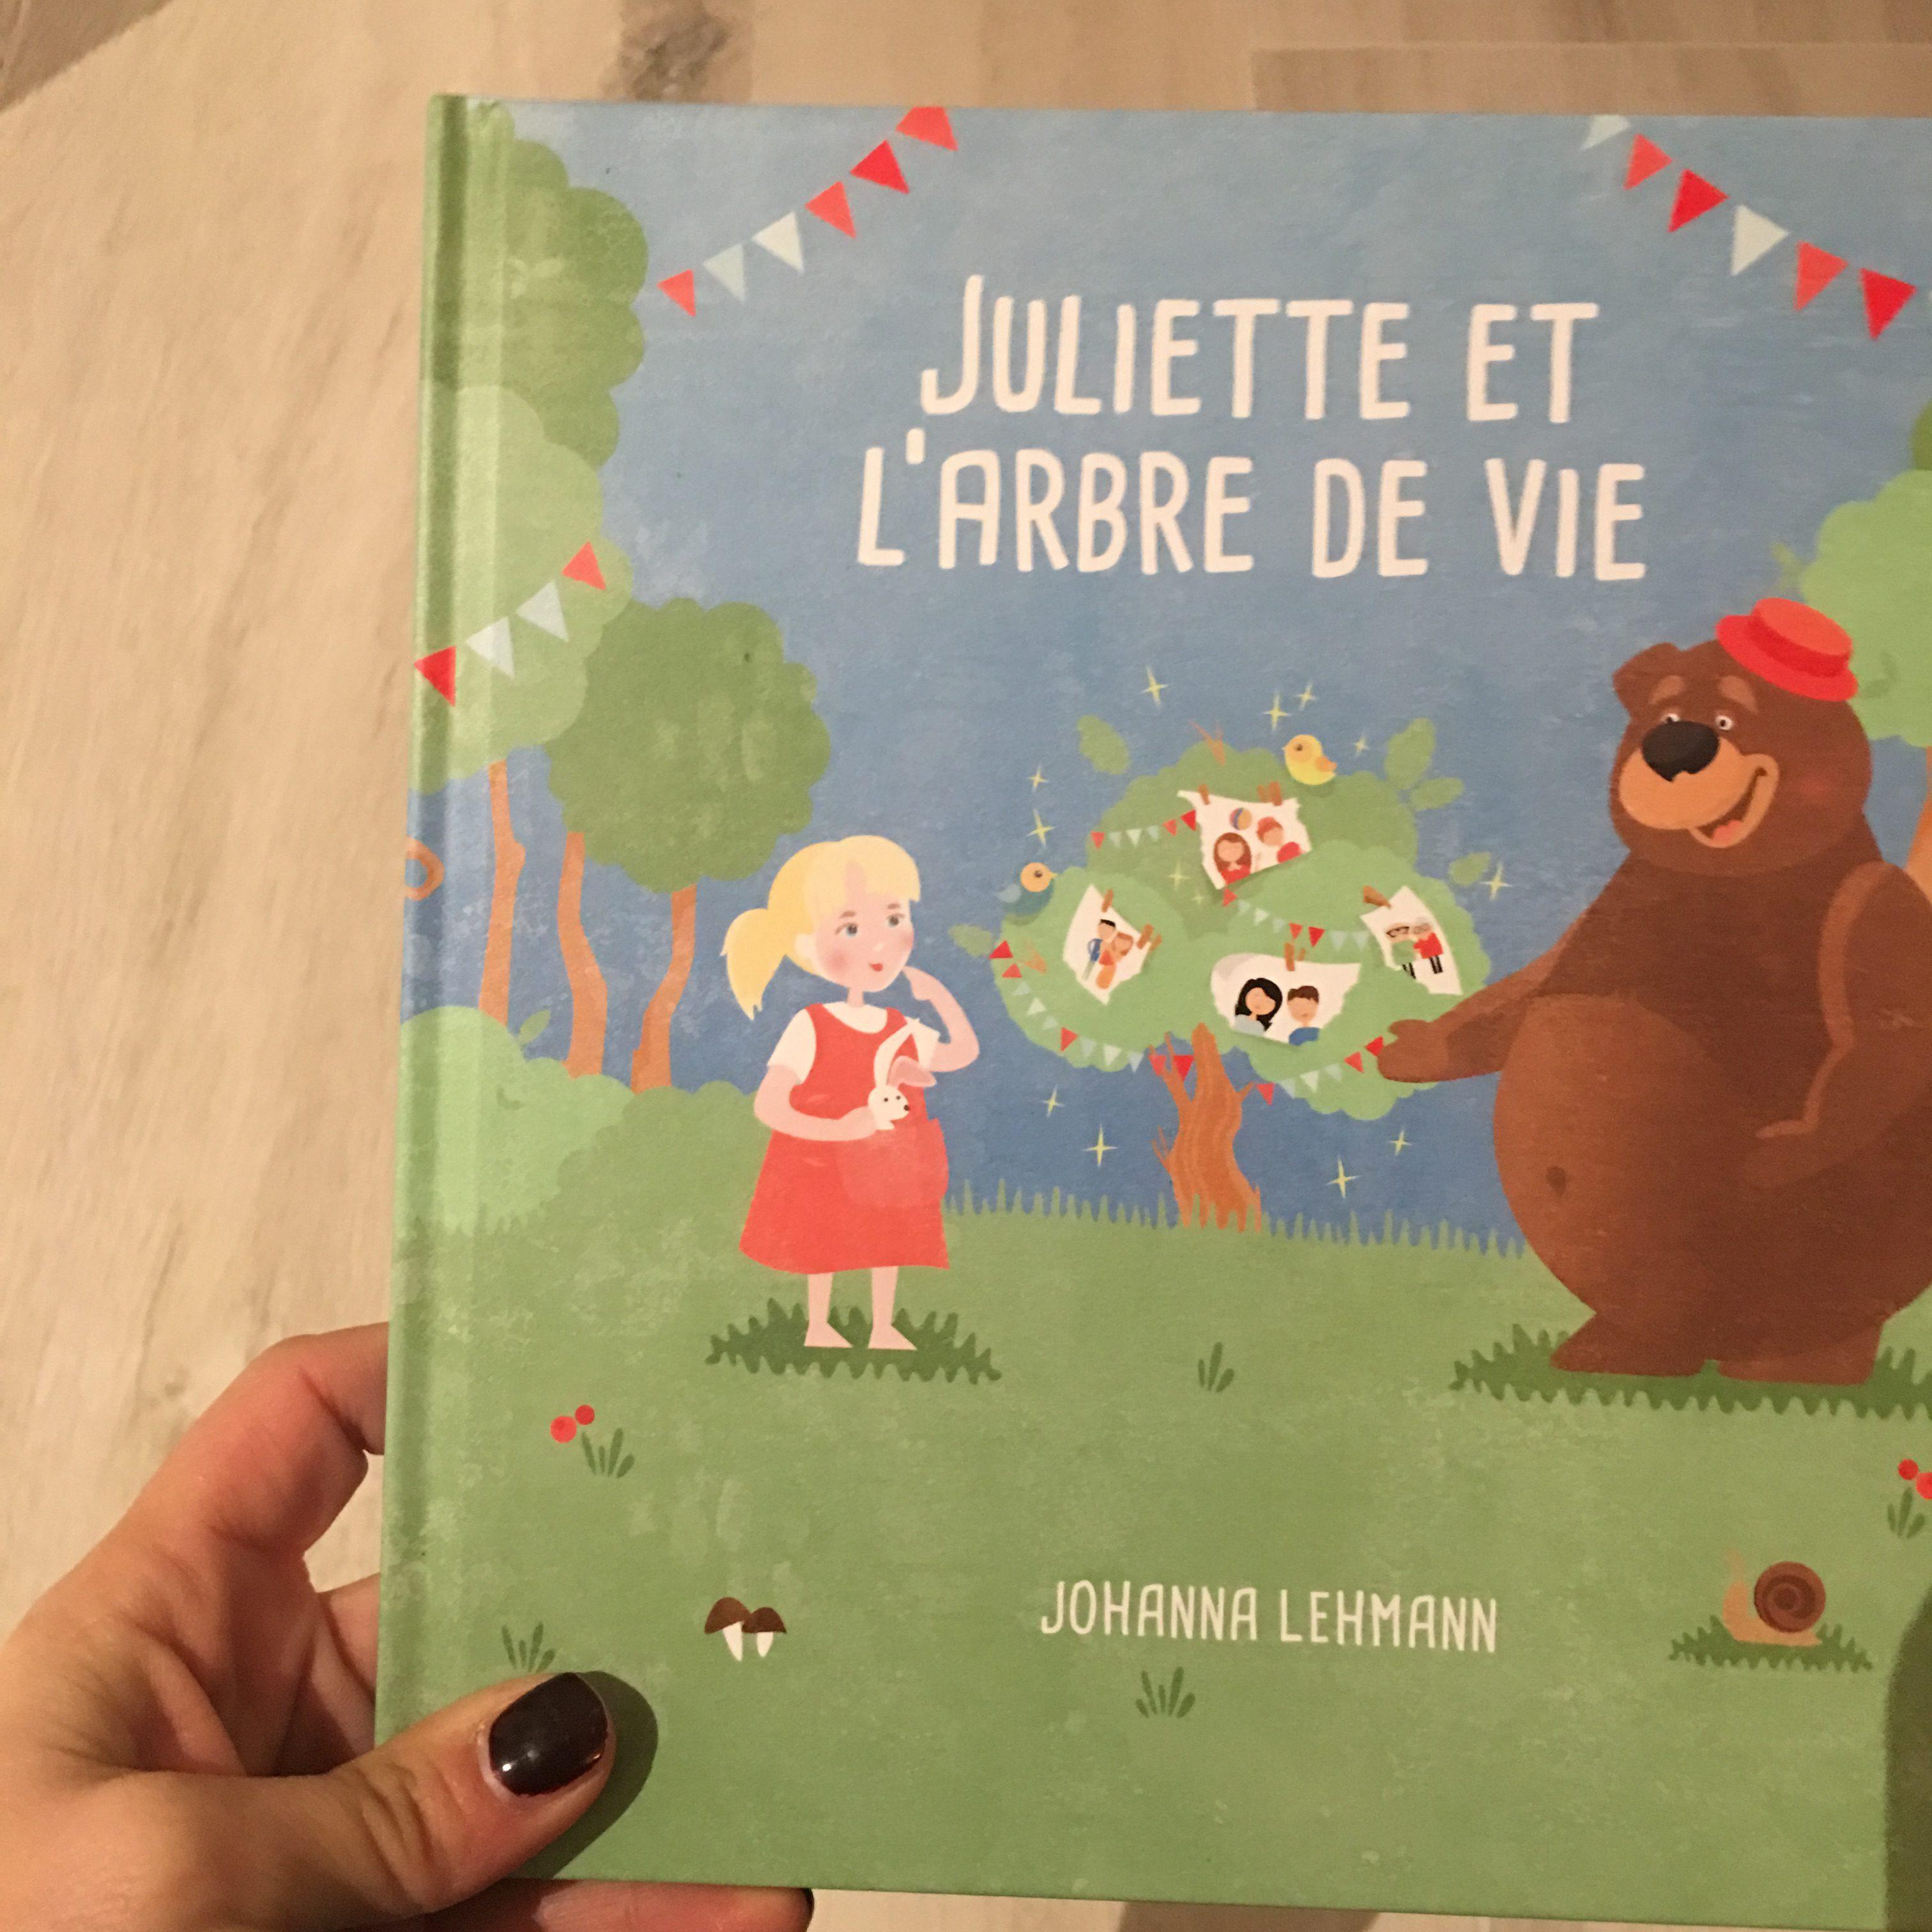 livre personnalisé cadeau noel inspiration blog maman enfant thereseandtheikids l'arbre de vie